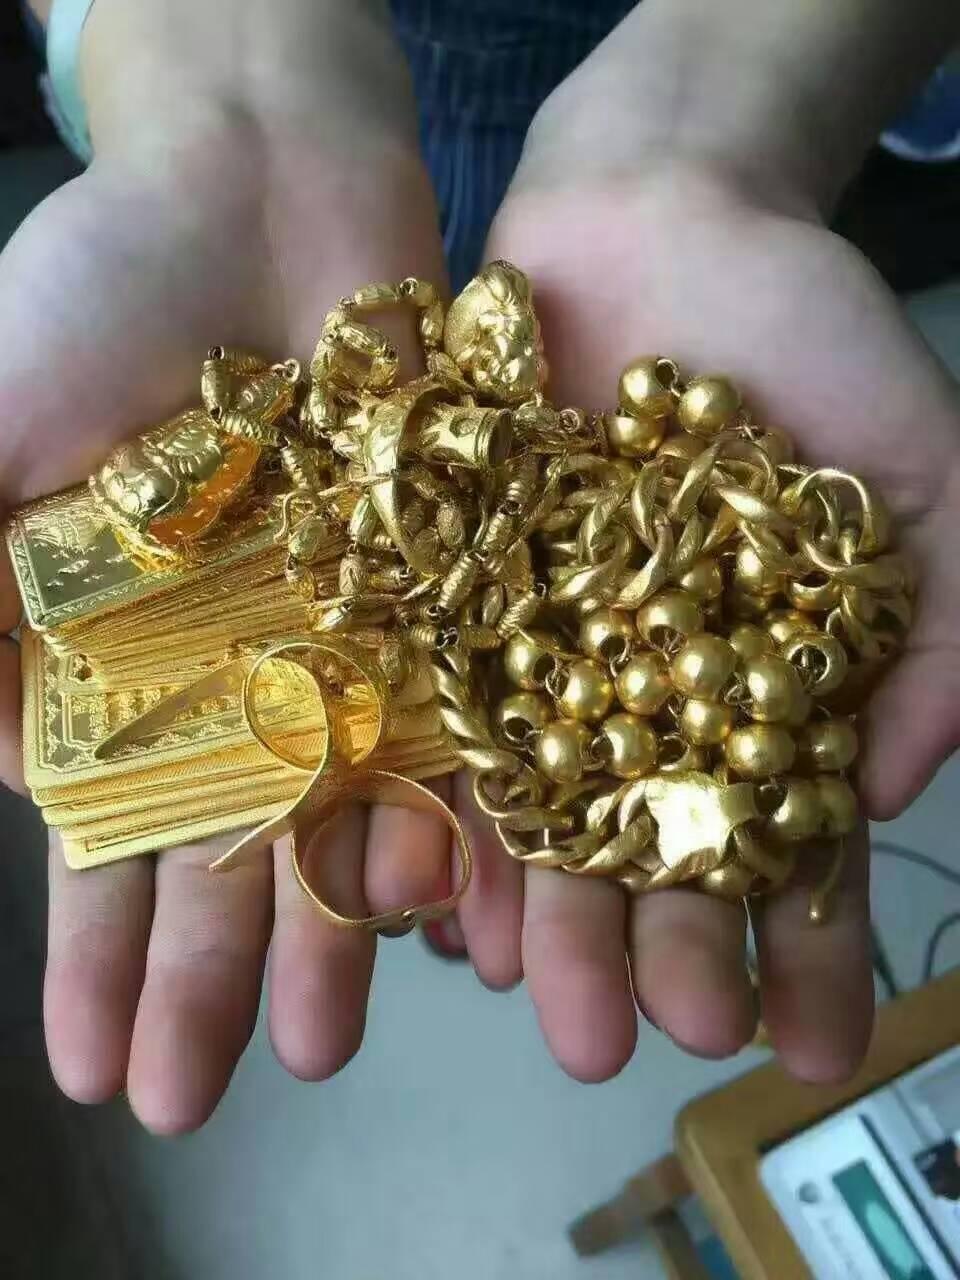 天津黄金回收老店上门回收不坑人价格高可靠人实在